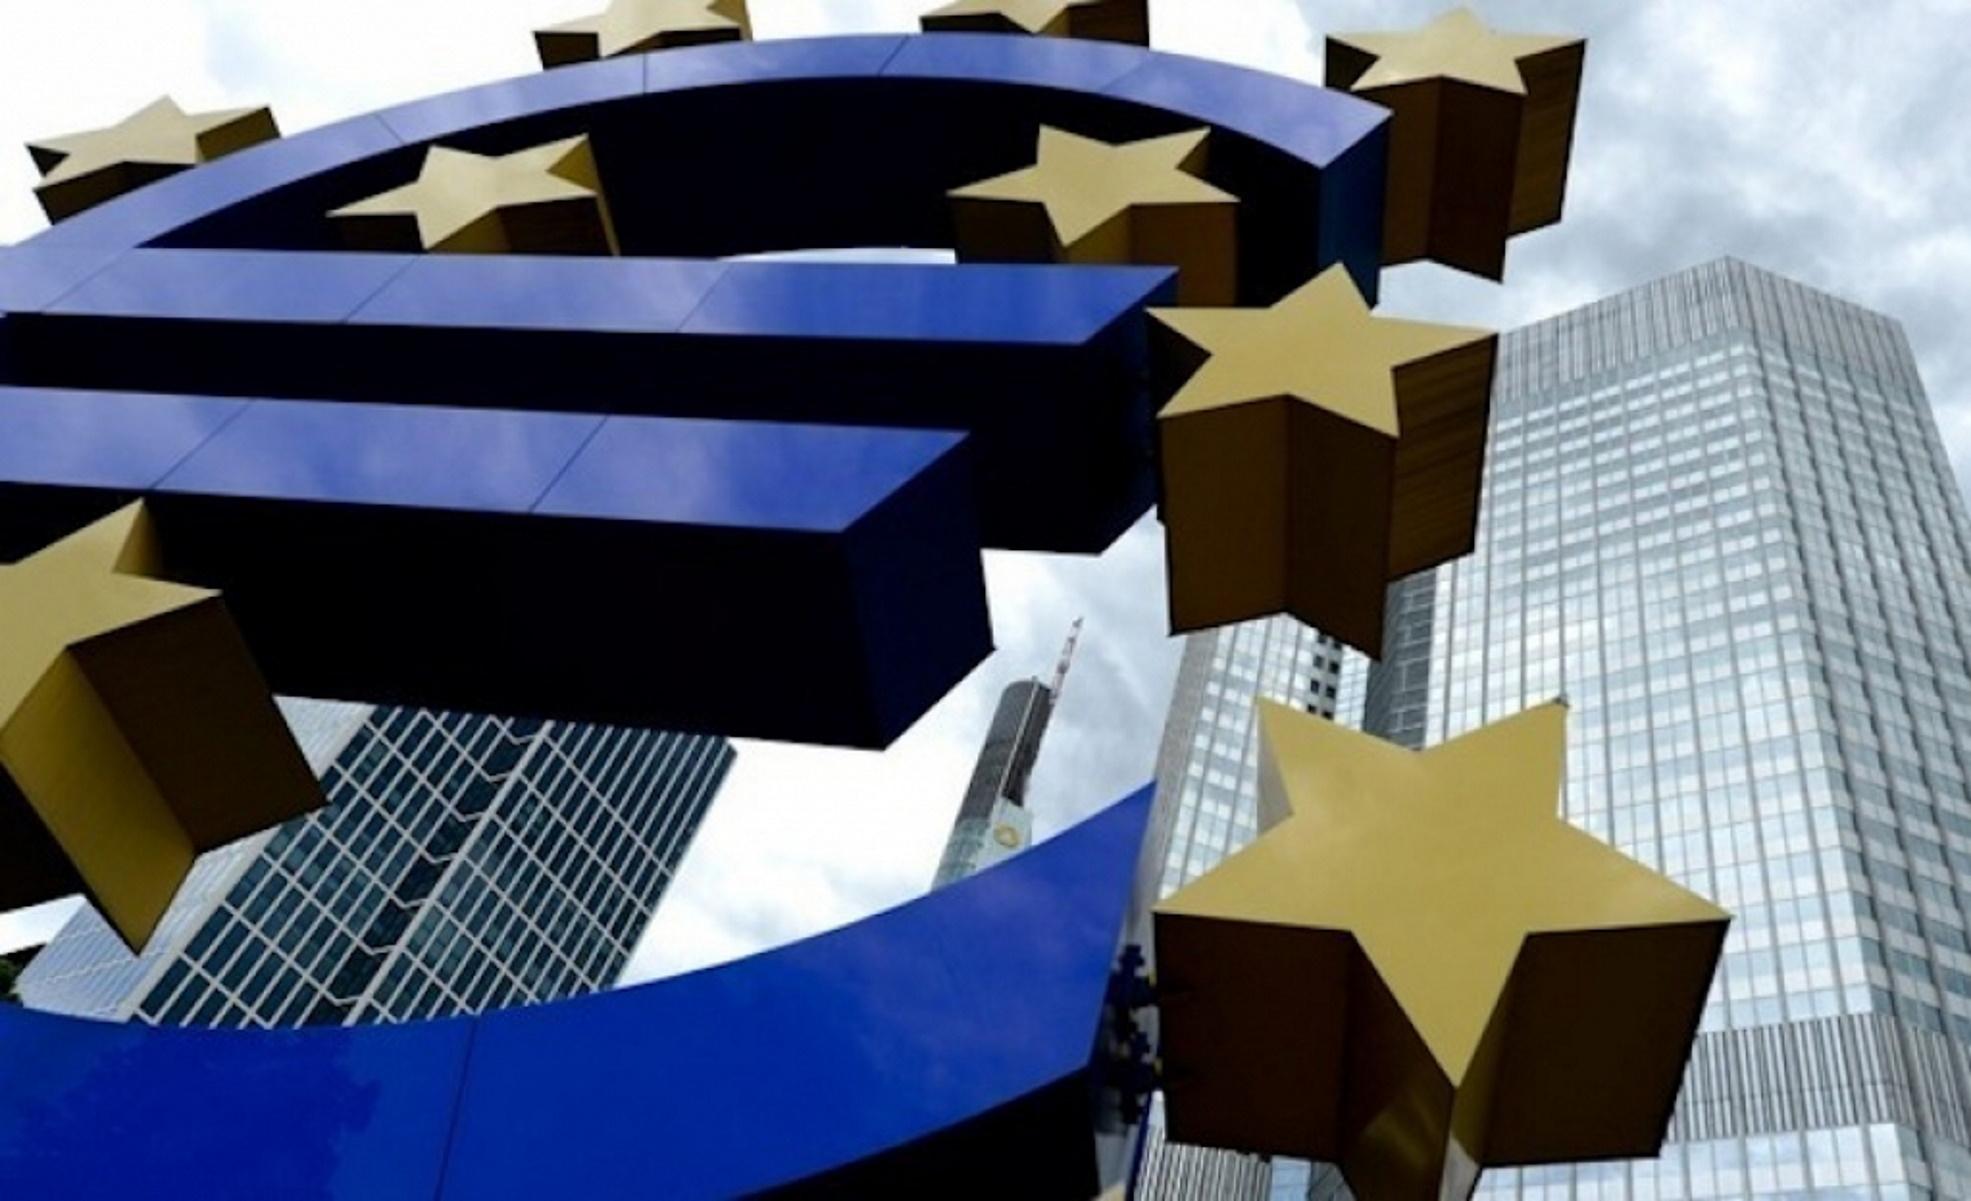 Ομόλογα: Παγώνουν τα «χαμόγελα» στις ευρωπαϊκές αγορές